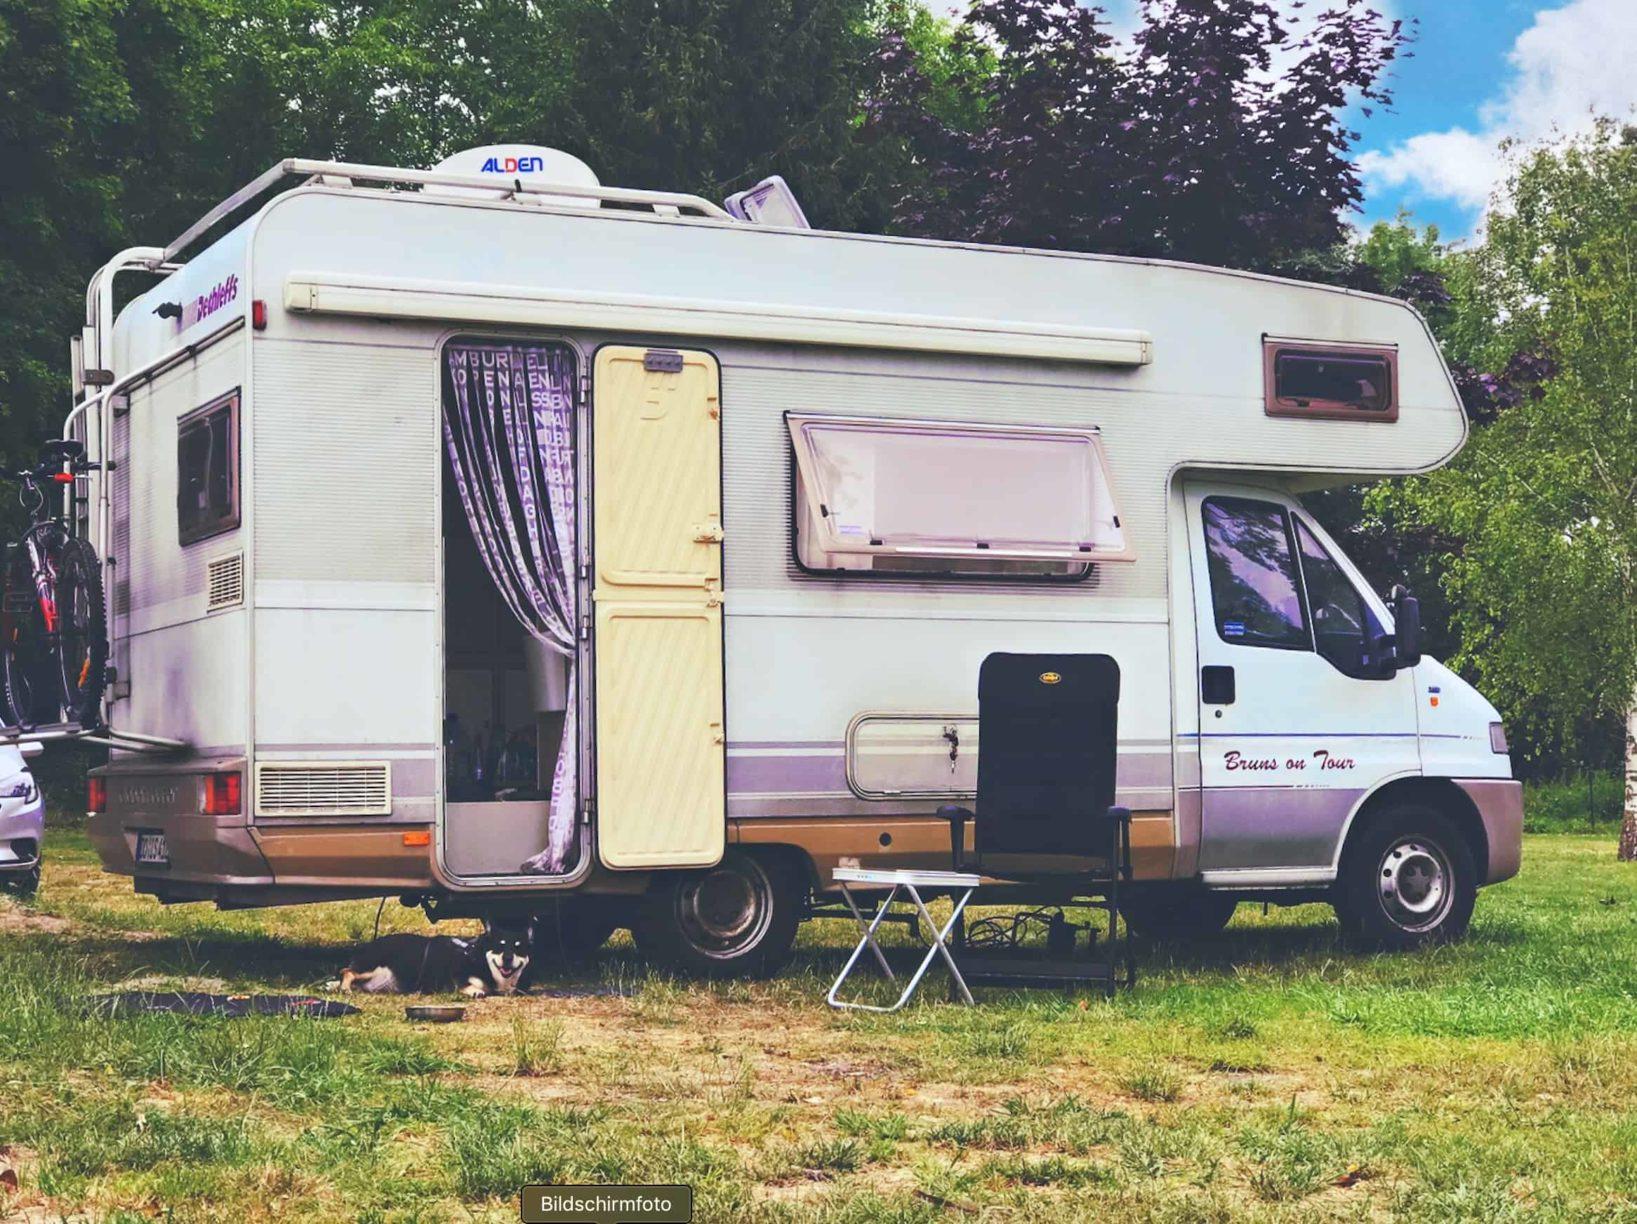 Campingplatz bei Reims Frankreich